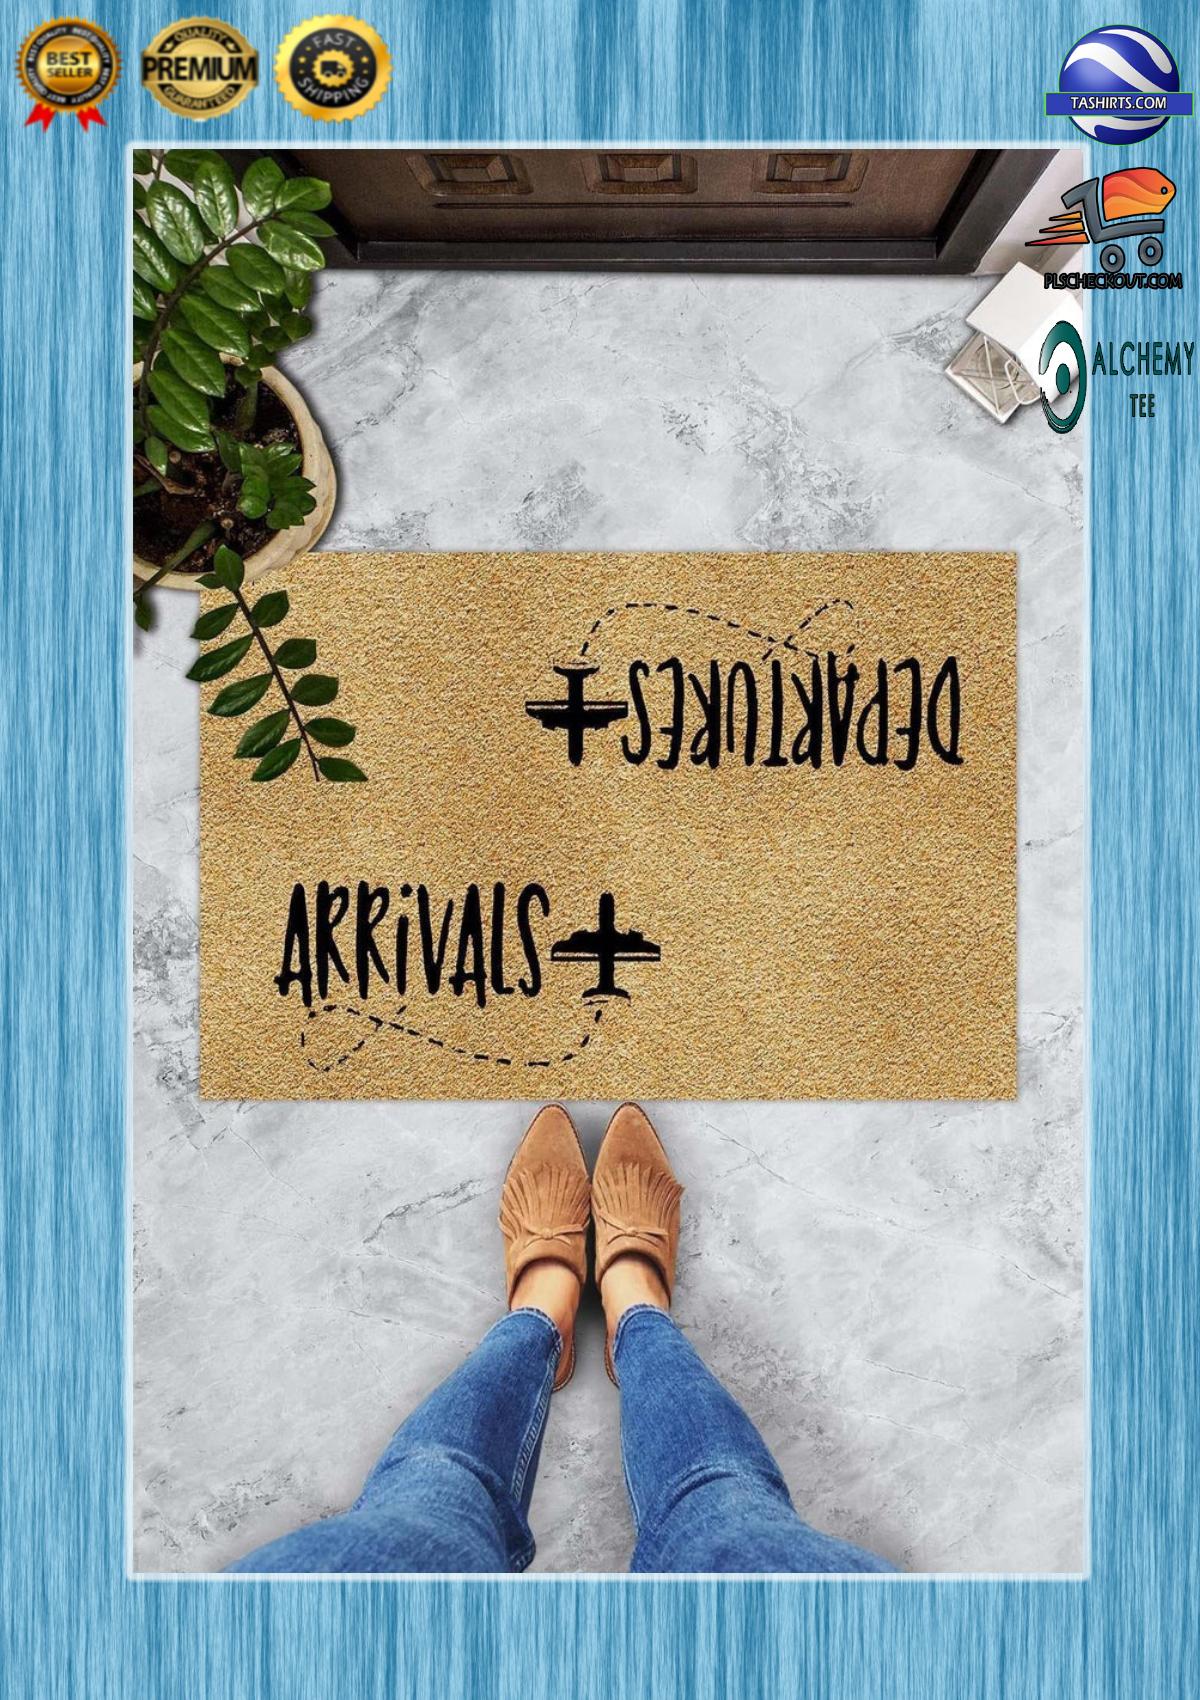 Arrivals departures airplane doormat